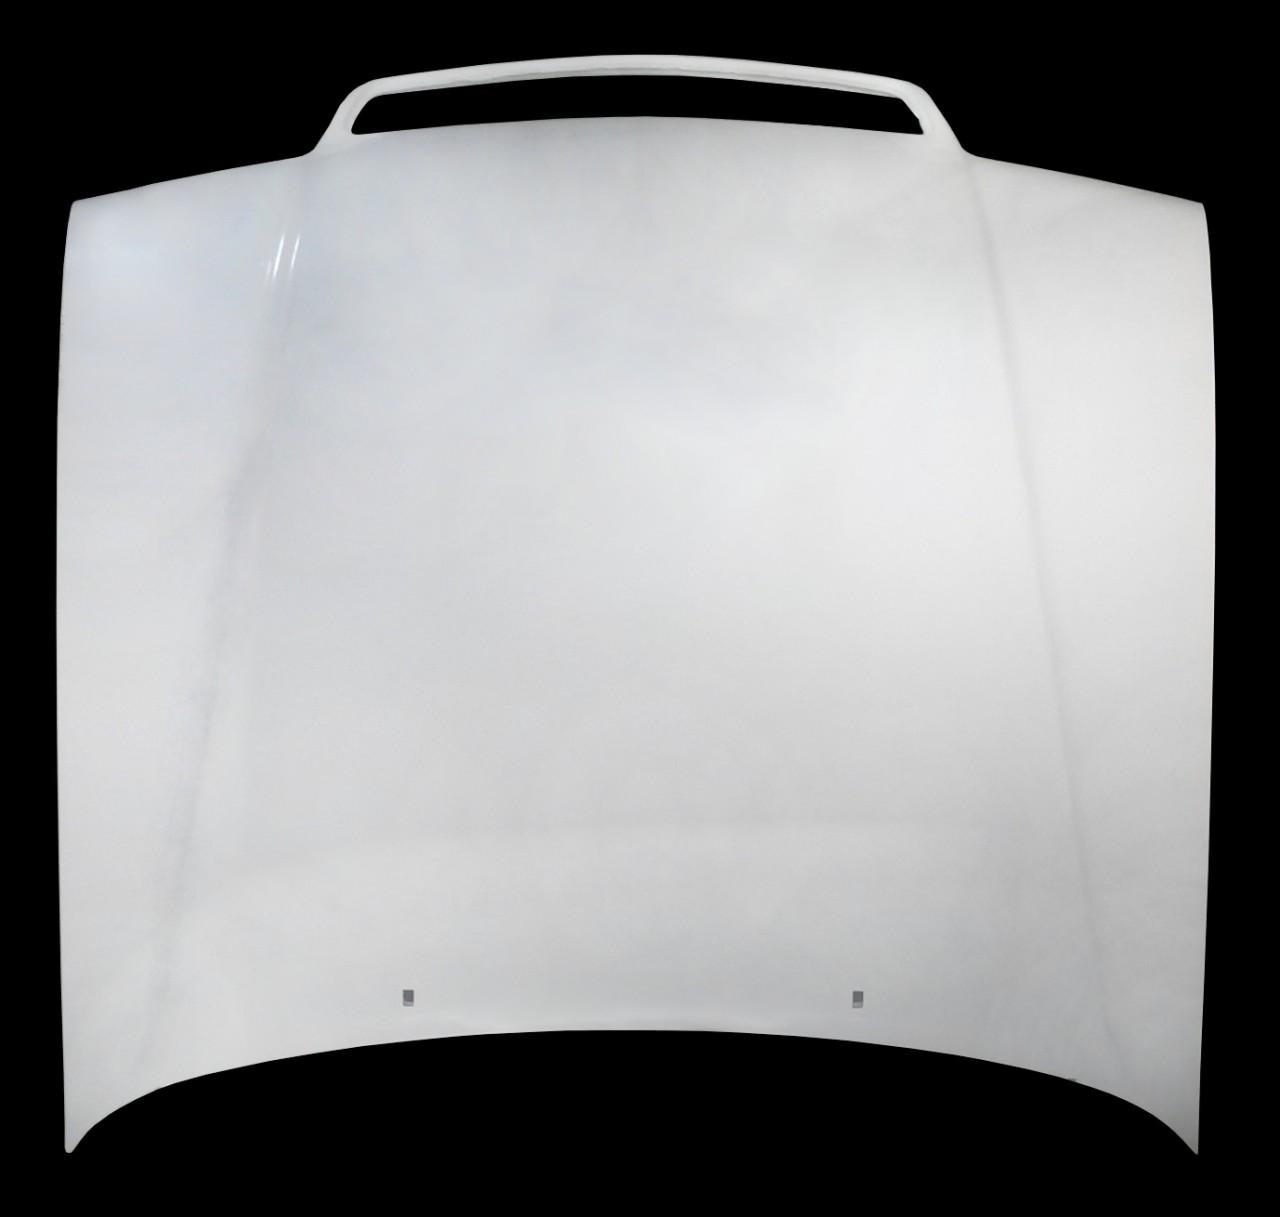 Motorhaube V8 D11 / front bonnet V8 D11